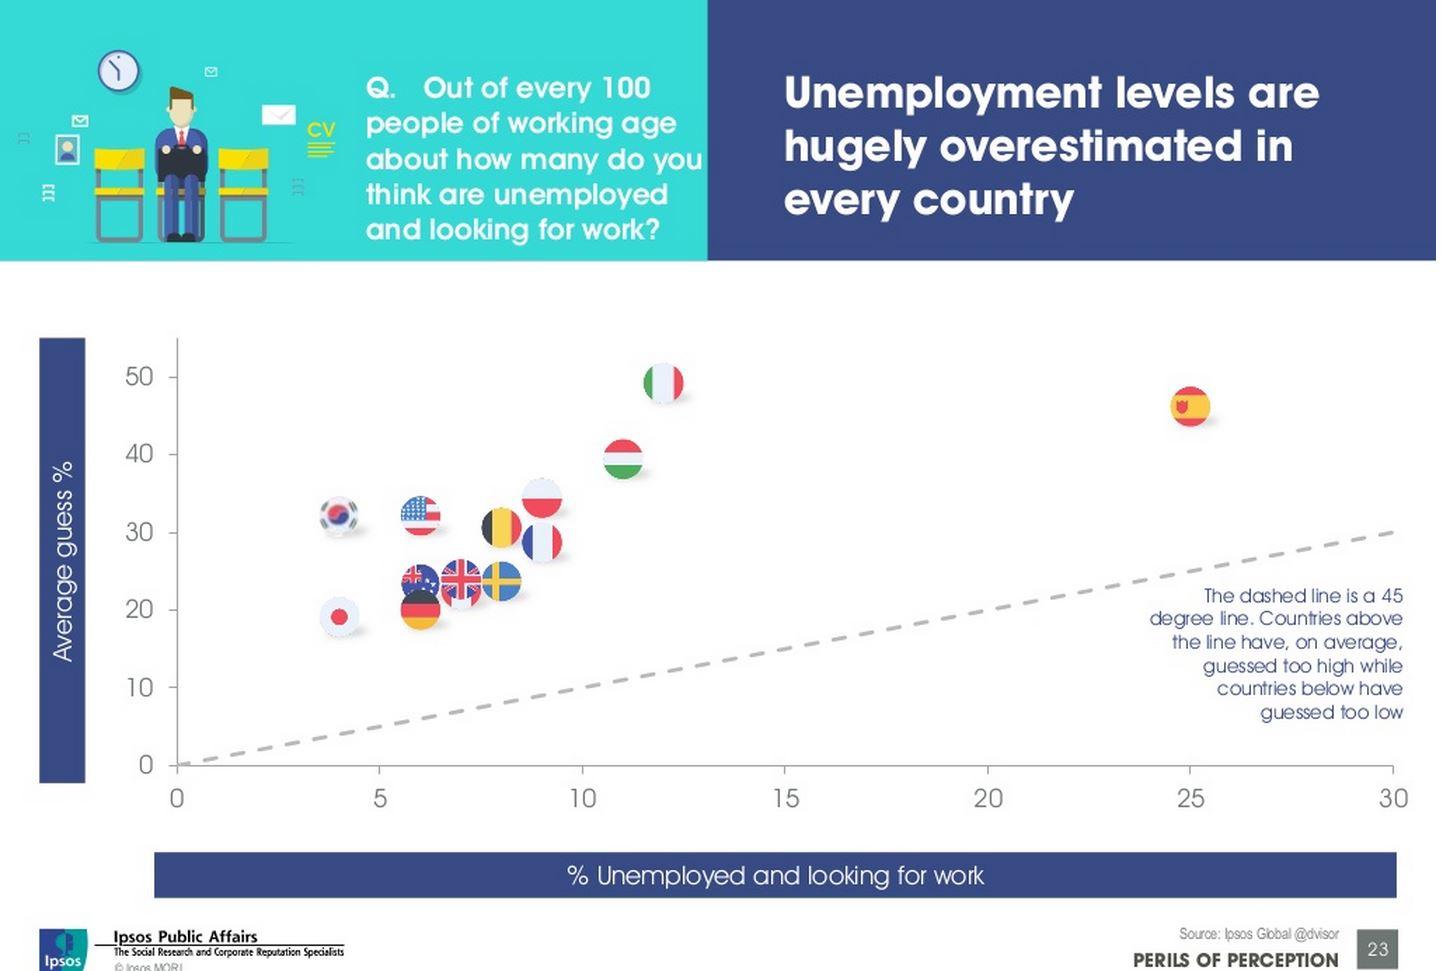 La percentuale di disoccupati percepita è maggiore del dato reale (Fonte:  http://www.slideshare.net/fullscreen/IpsosMORI/perils-of-perception-global/23)